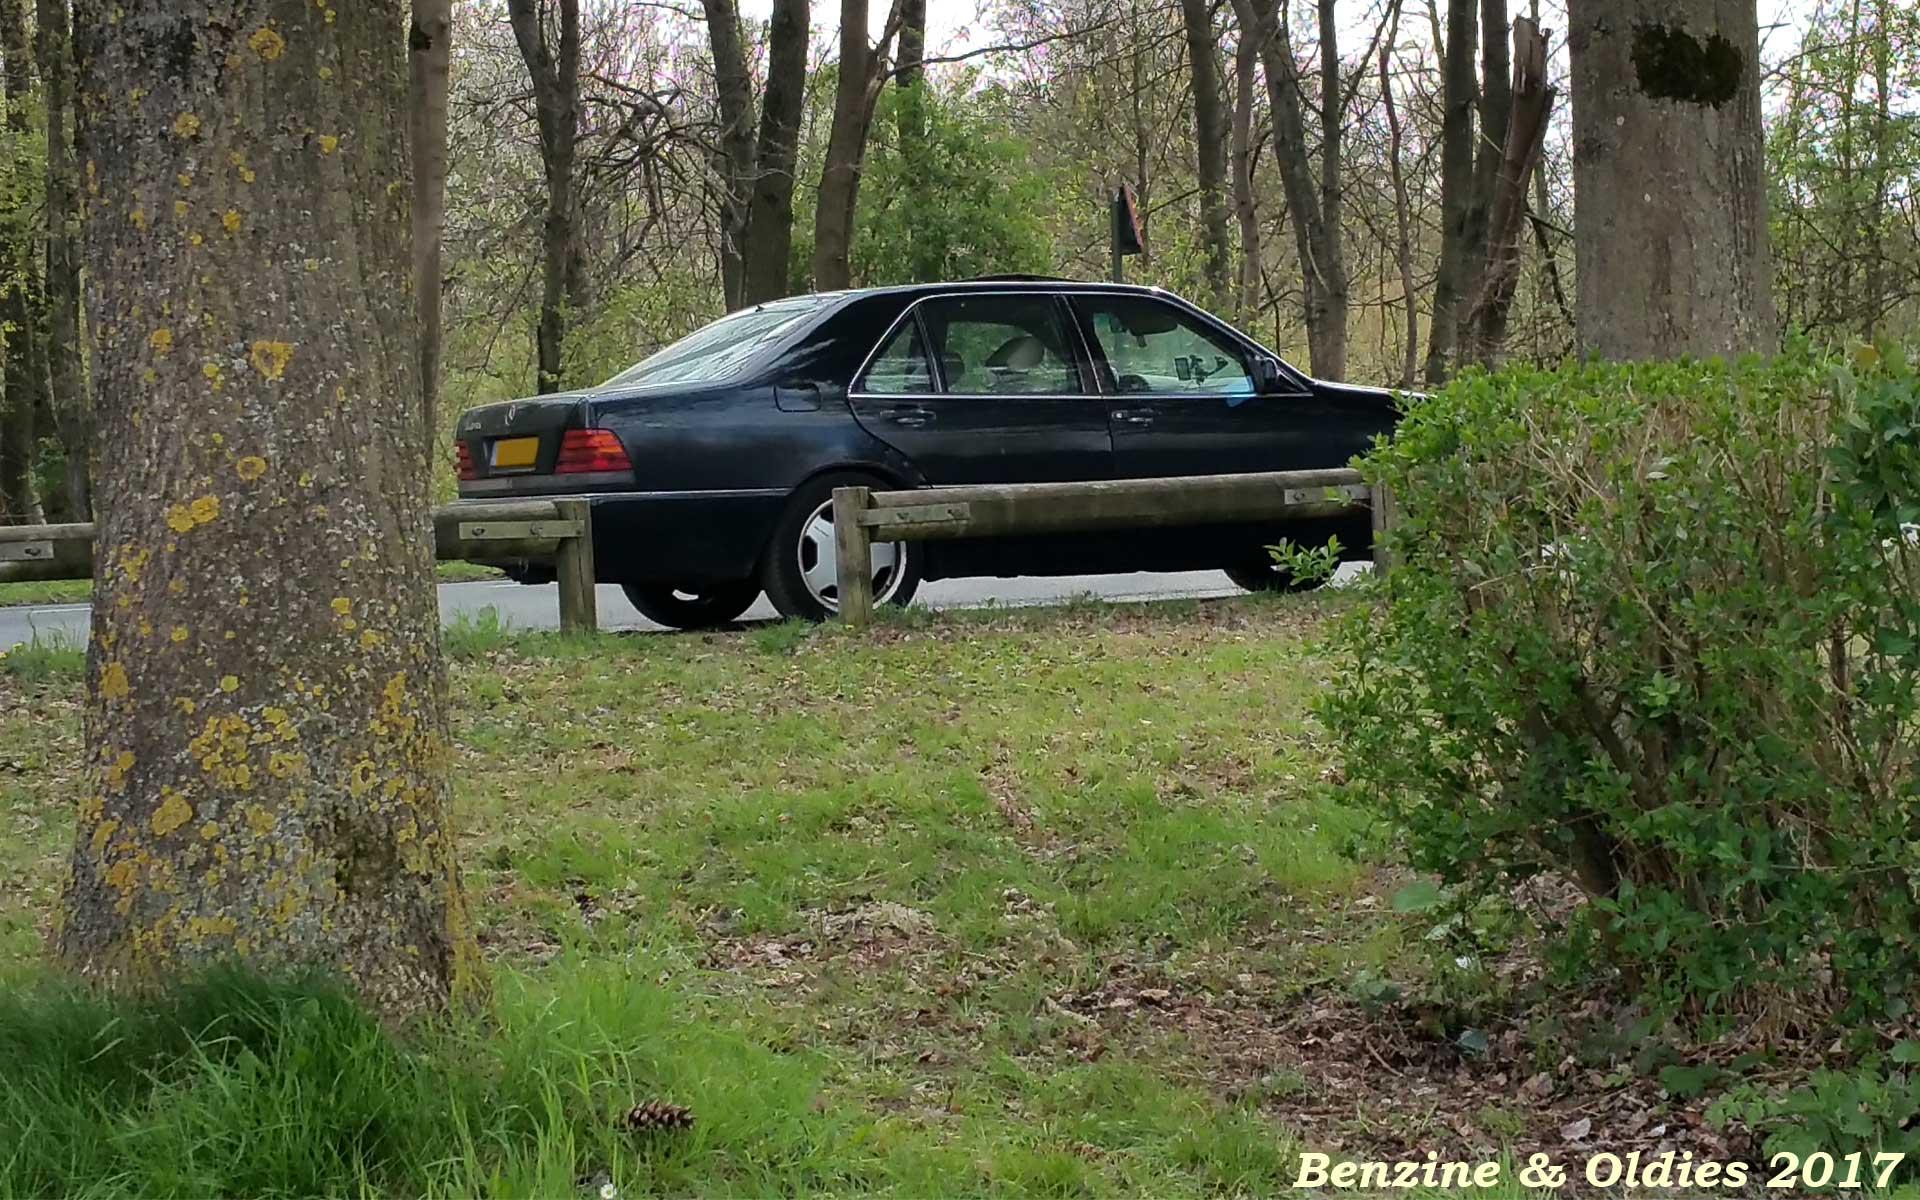 photos de ma Mercedes classe S w140 personnelle Mb_w140_perso_170411_04_w1920_1200